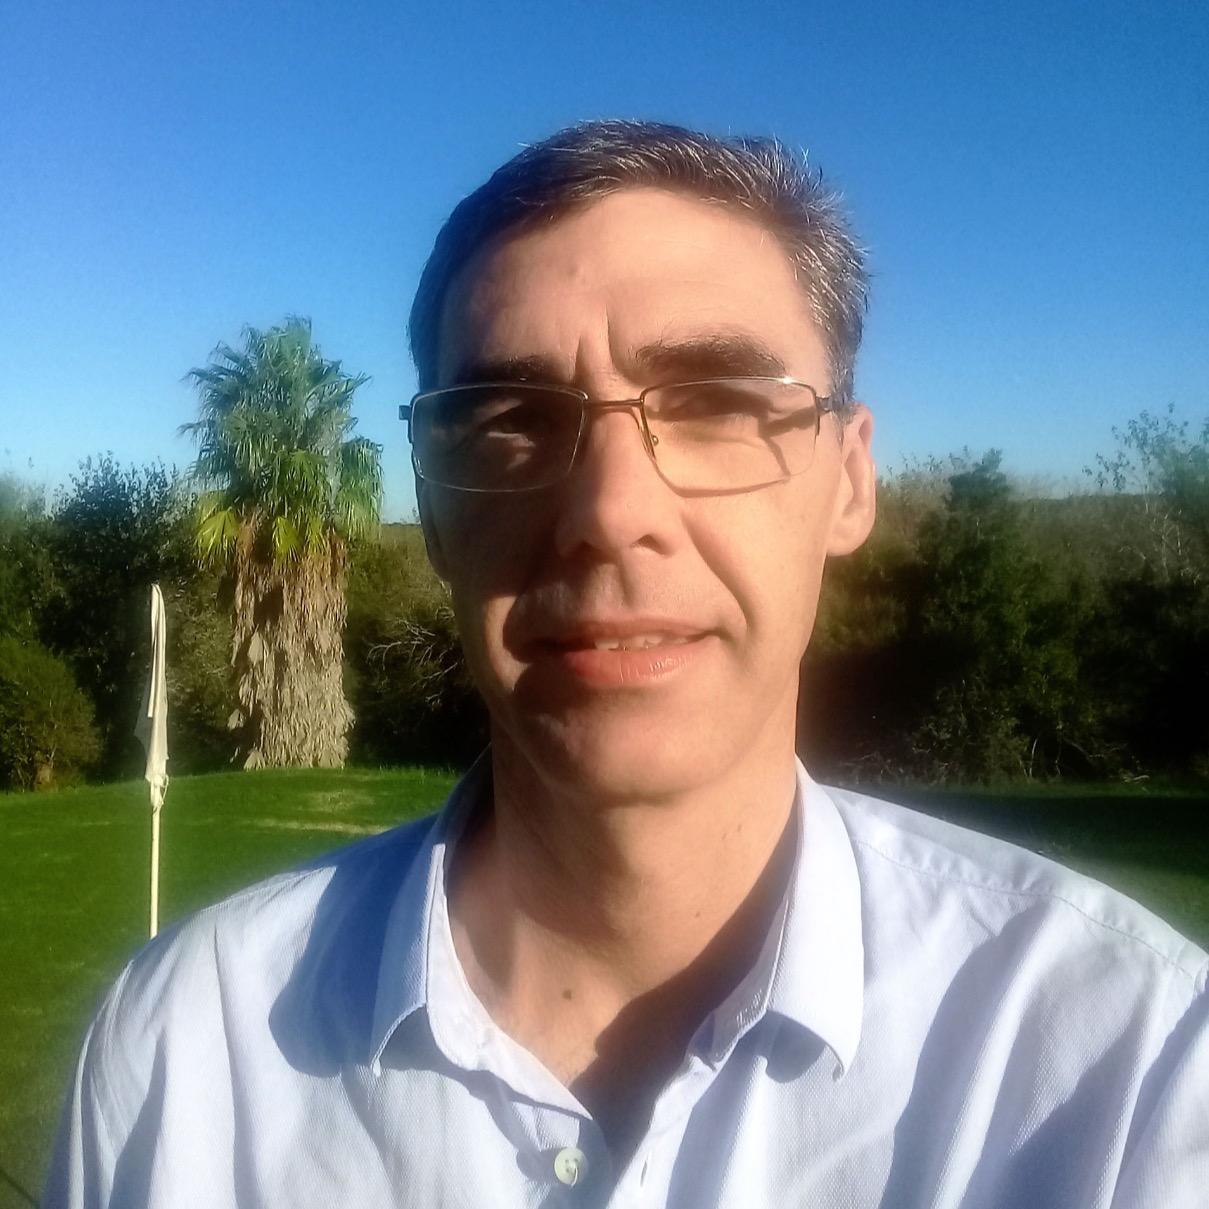 Javier Schonfeld